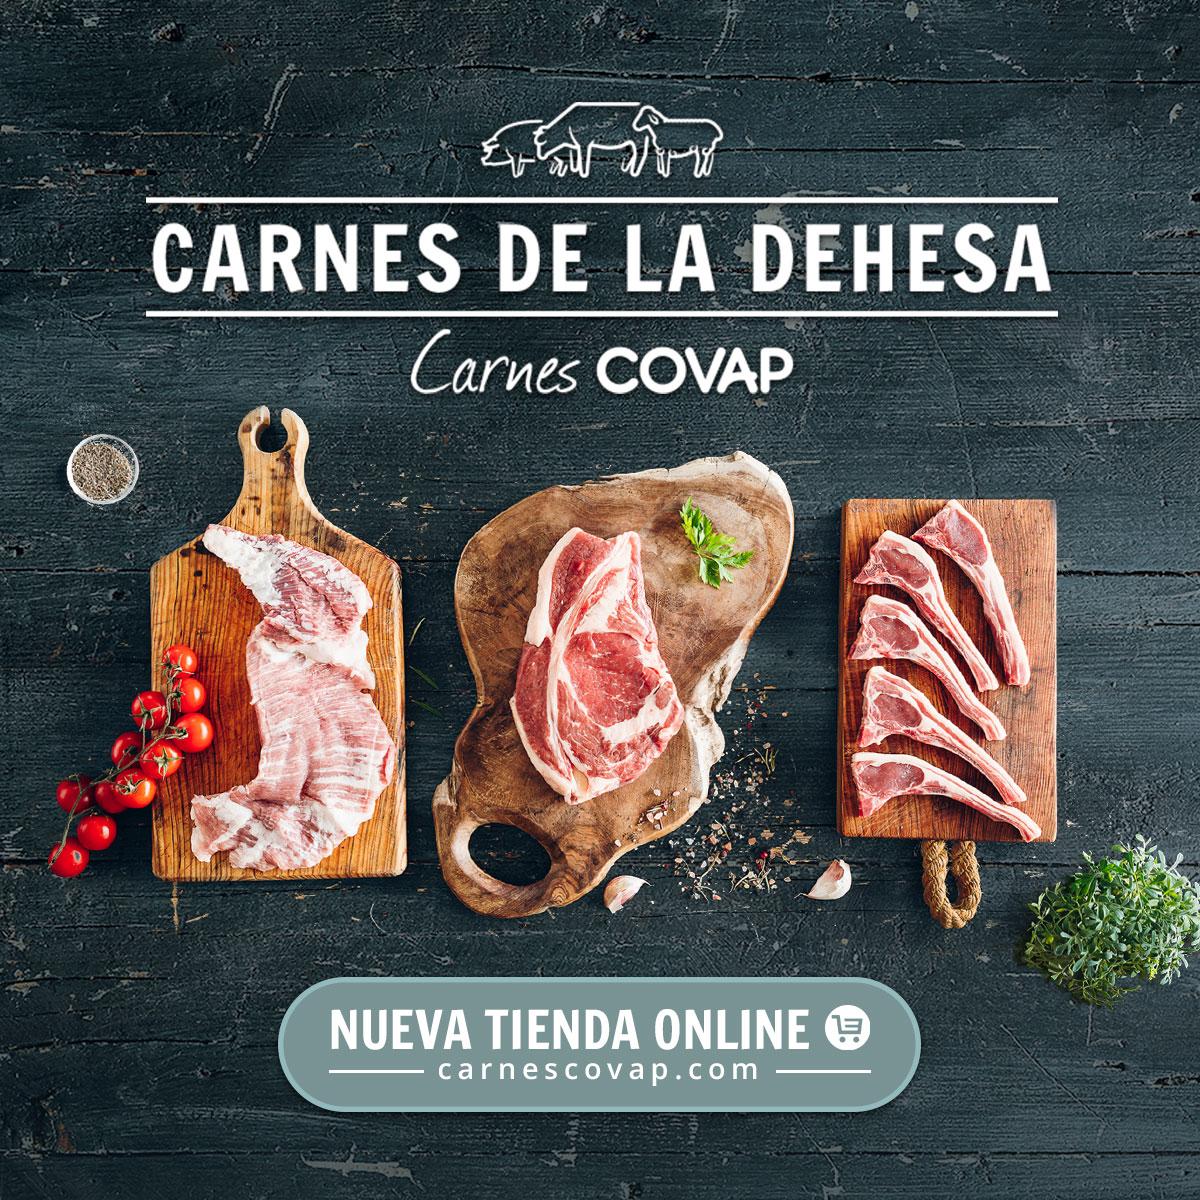 Nueva tienda online de Carnes COVAP